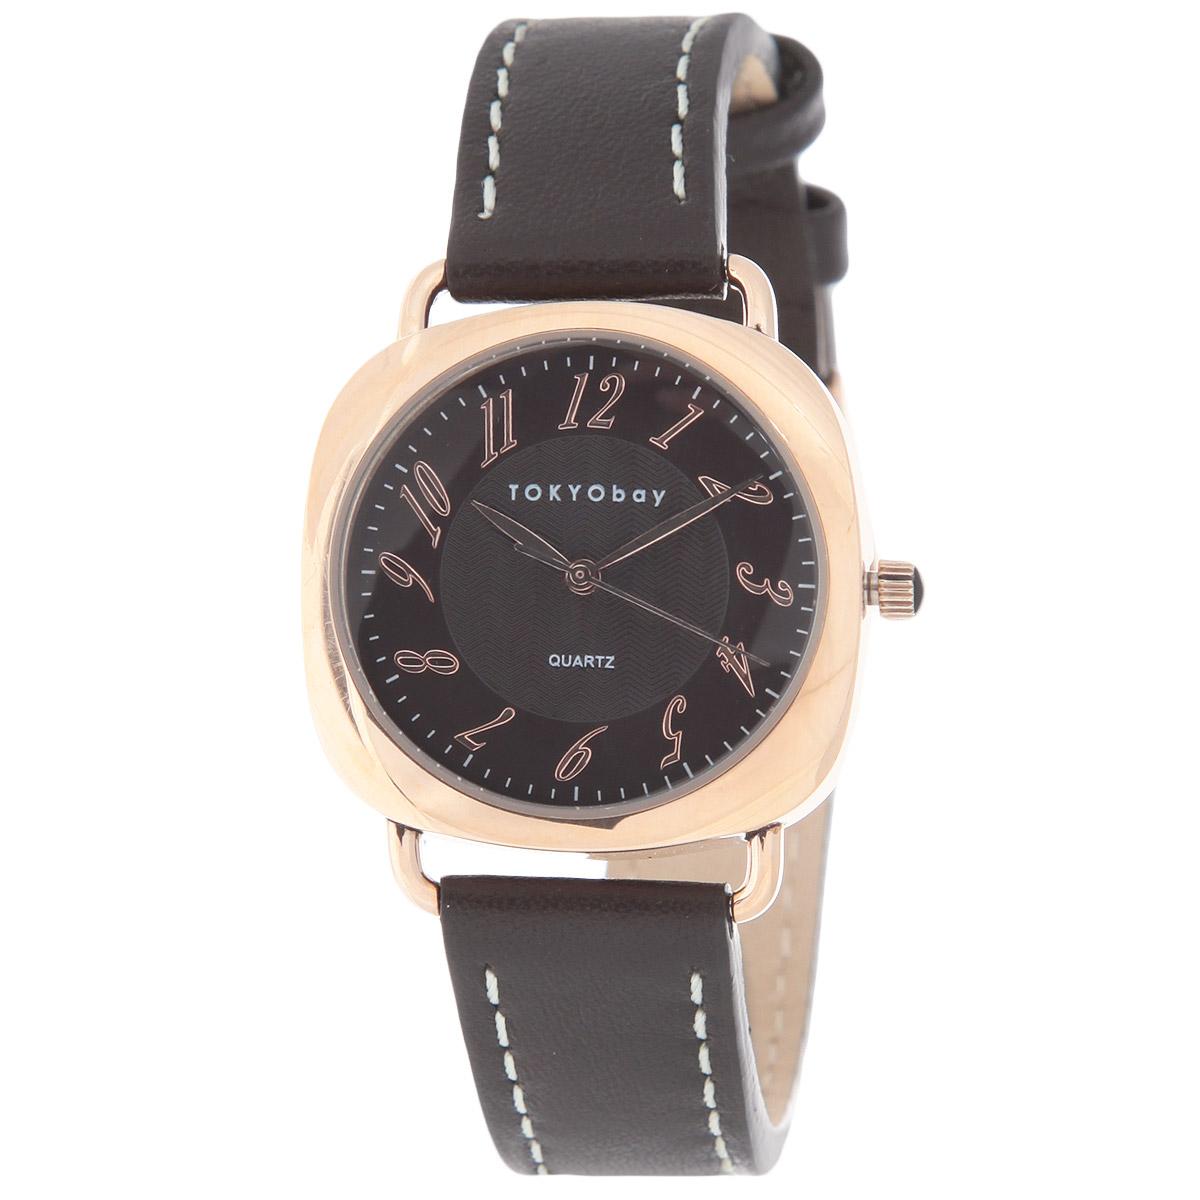 Часы унисекс наручные Tokyobay Legend Brown Rose Gold. T249-BRT249-BRНаручные часы Tokyobay Legend - это стильное дополнение к вашему неповторимому образу. Эти часы созданы для современных мужчин и женщин, ценящих стиль, качество и практичность. Часы оснащены японским кварцевым механизмом Miyota. Корпус выполнен из сплава металлов с зеркальной полировкой, не содержащего никель. Задняя крышка изготовлена из нержавеющей стали. Циферблат оформлен арабскими цифрами, имеет три стрелки - часовую, минутную и секундную. Циферблат защищен ударопрочным оптическим пластиком. Ремешок, выполненный из натуральной кожи, оформлен контрастной отстрочкой. Застегивается ремешок на классическую застежку. Часы Tokyobay - это практичный и модный аксессуар, который подчеркнет ваш безупречный вкус. Характеристики: Корпус: 3,2 х 3,2 х 0,8 см. Не содержит никель. Не водостойкие.